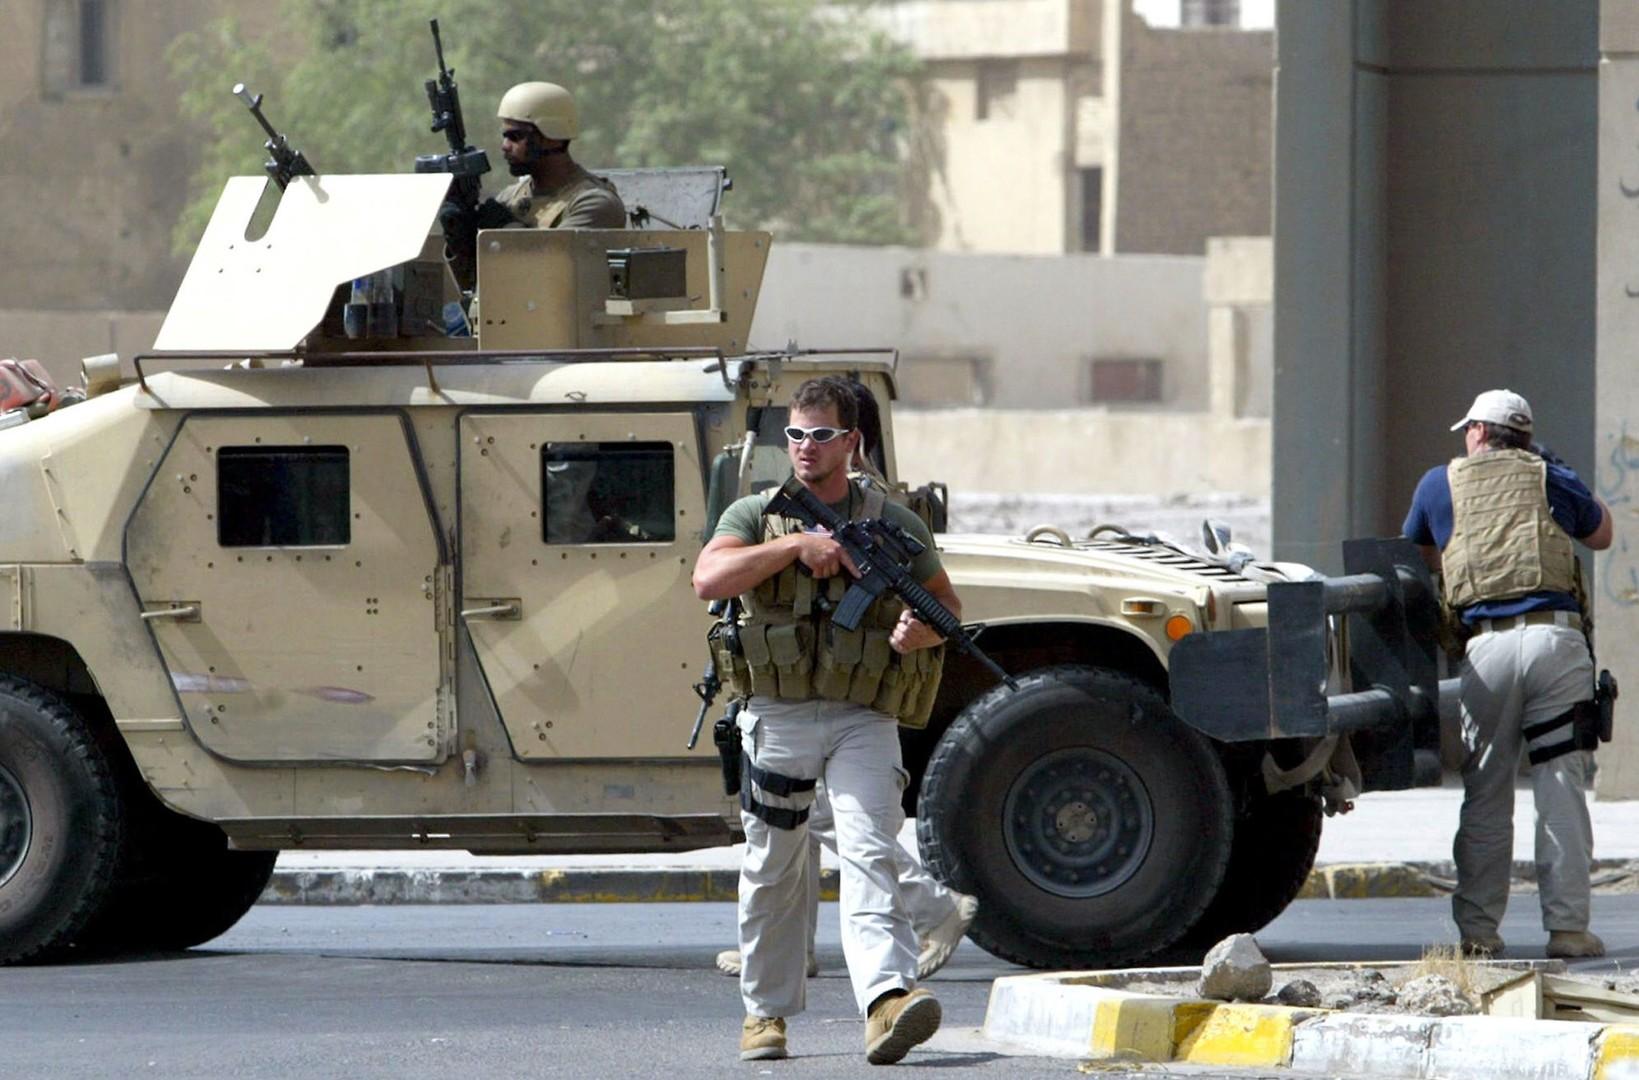 """أفراد شركة """"بلاك ووتر"""" الأمنية الأمريكية الخاصة في العراق (أرشيف)"""